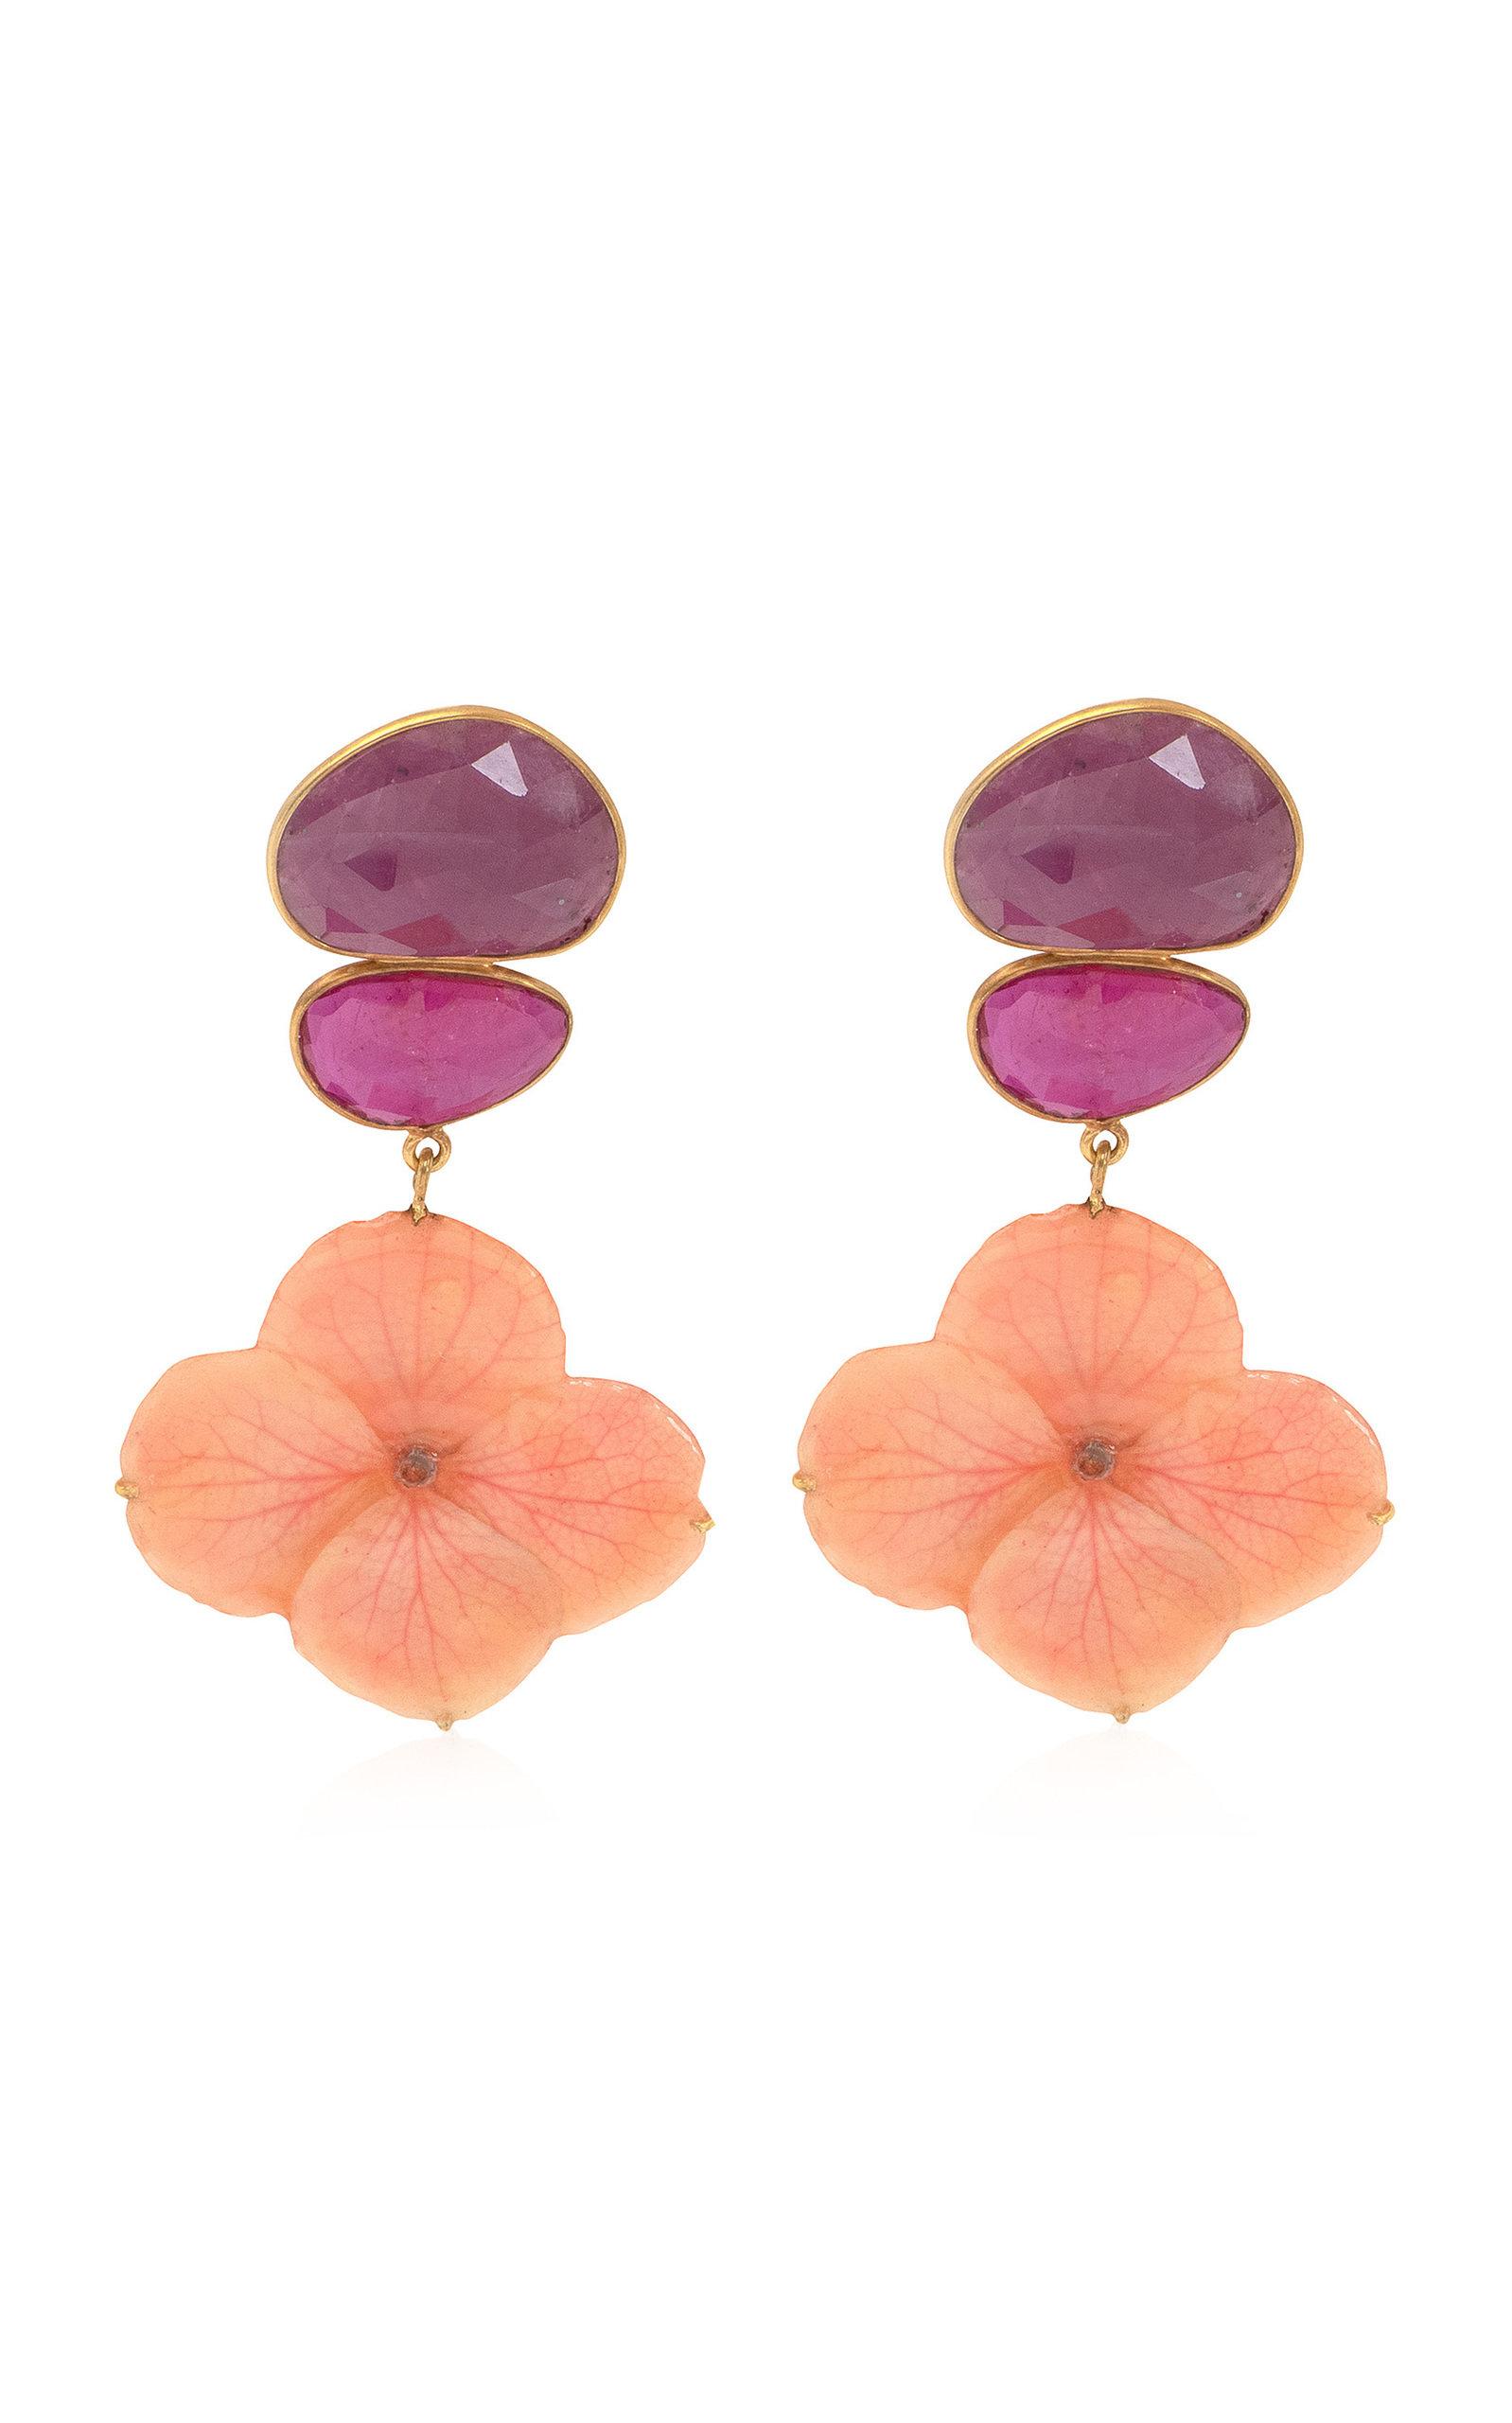 Women's Real Hydrangea; Ruby 18K Yellow Gold Earrings